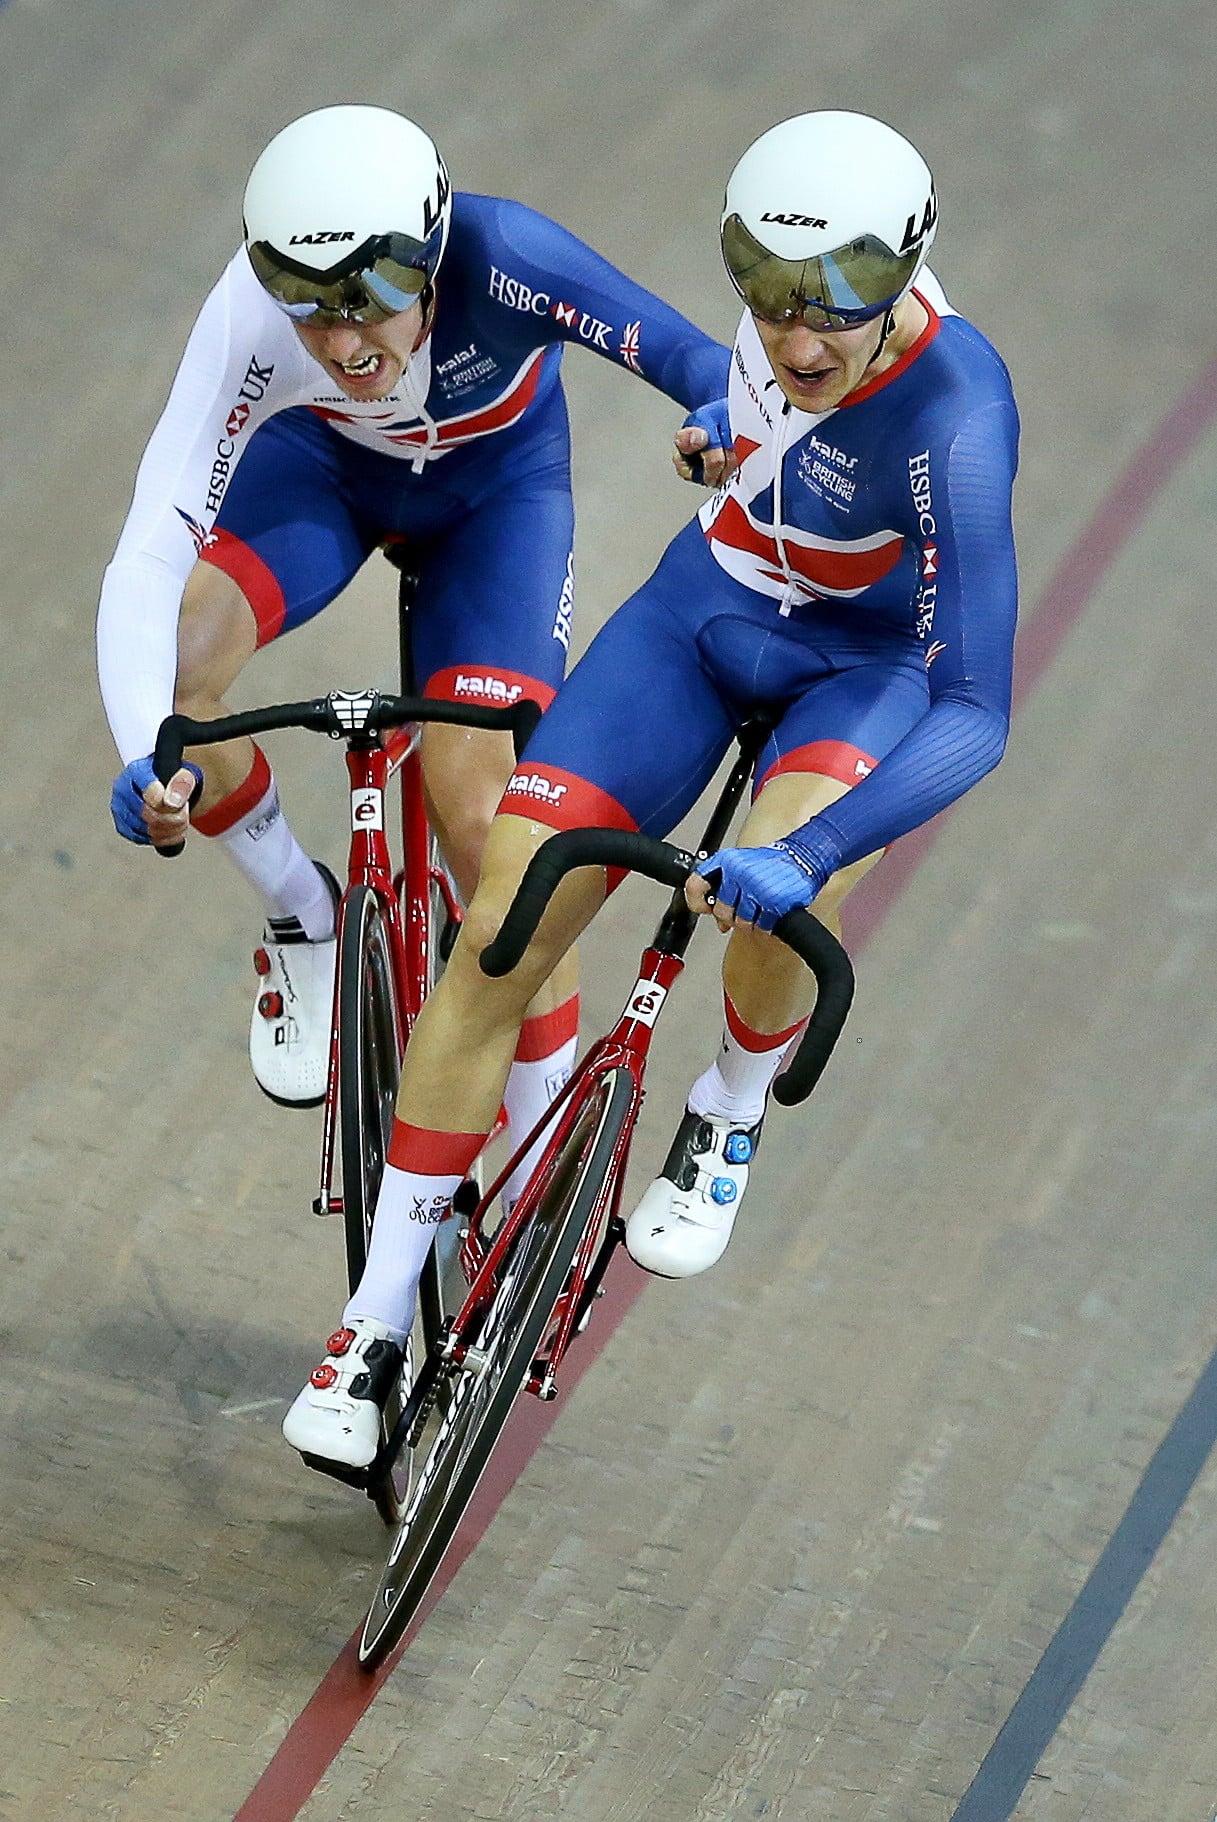 Glasgow, Wielka Brytania: Oliver Wood i Ethan Hayter walczą o zdobycie brązowego medalu w męskim finale Madison w wyścigach kolarskich na Mistrzostwach Europy w Glasgow, fot. Robert Perry, PAP/EPA